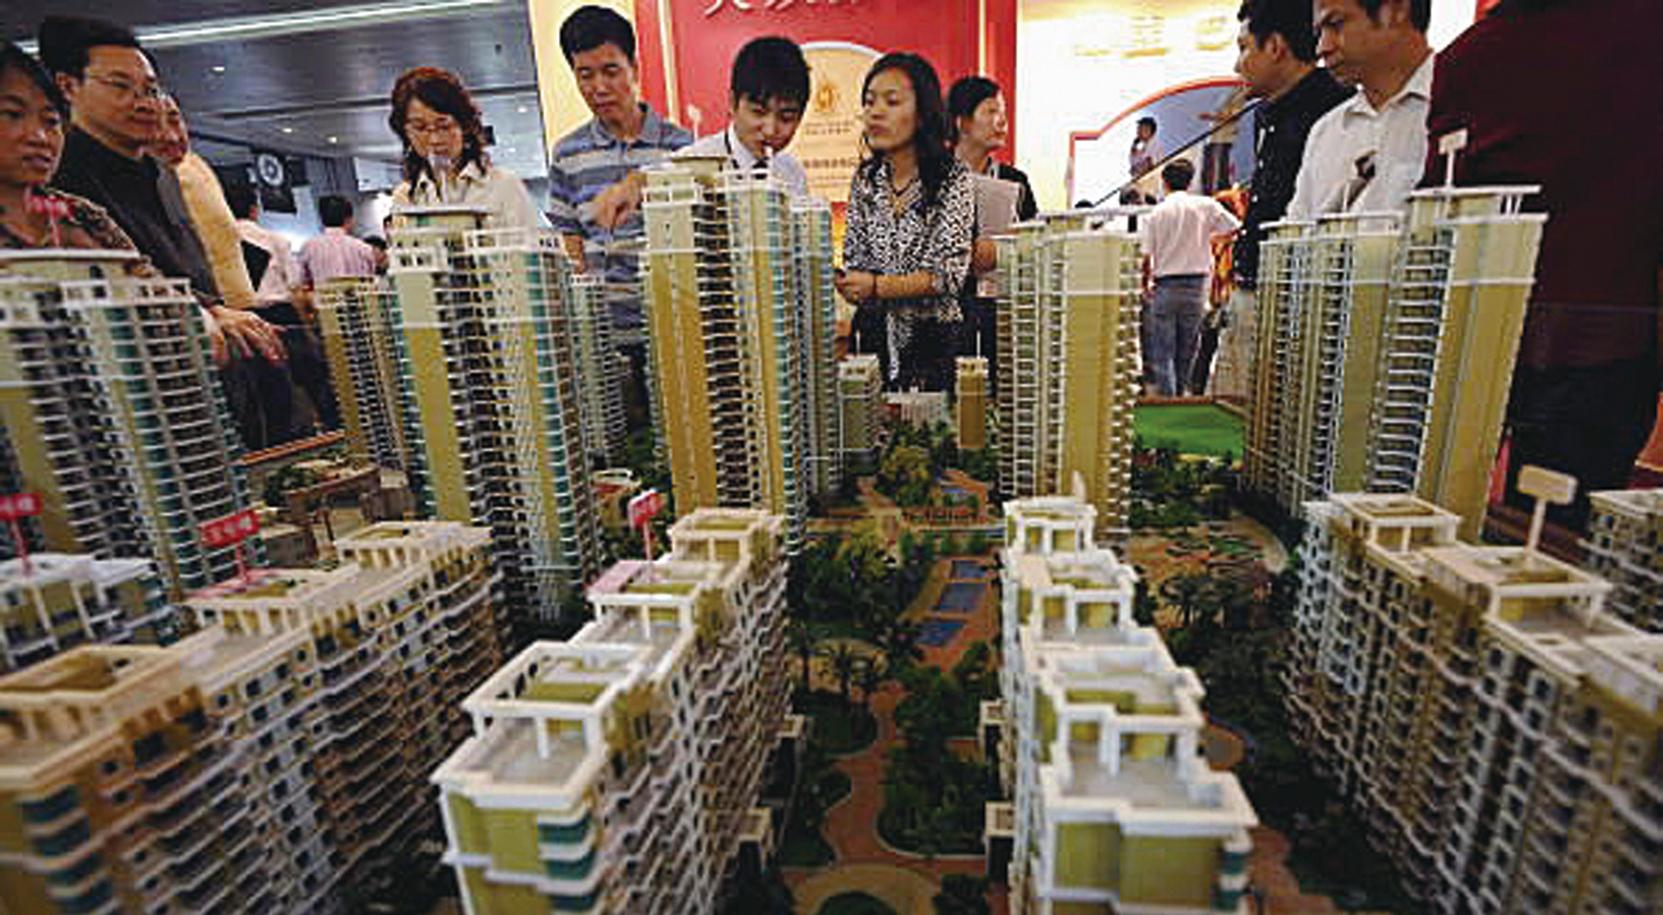 中共體制下的房地產市場已經綁架了大陸經濟和廣大中低收入階層。(Getty Images)